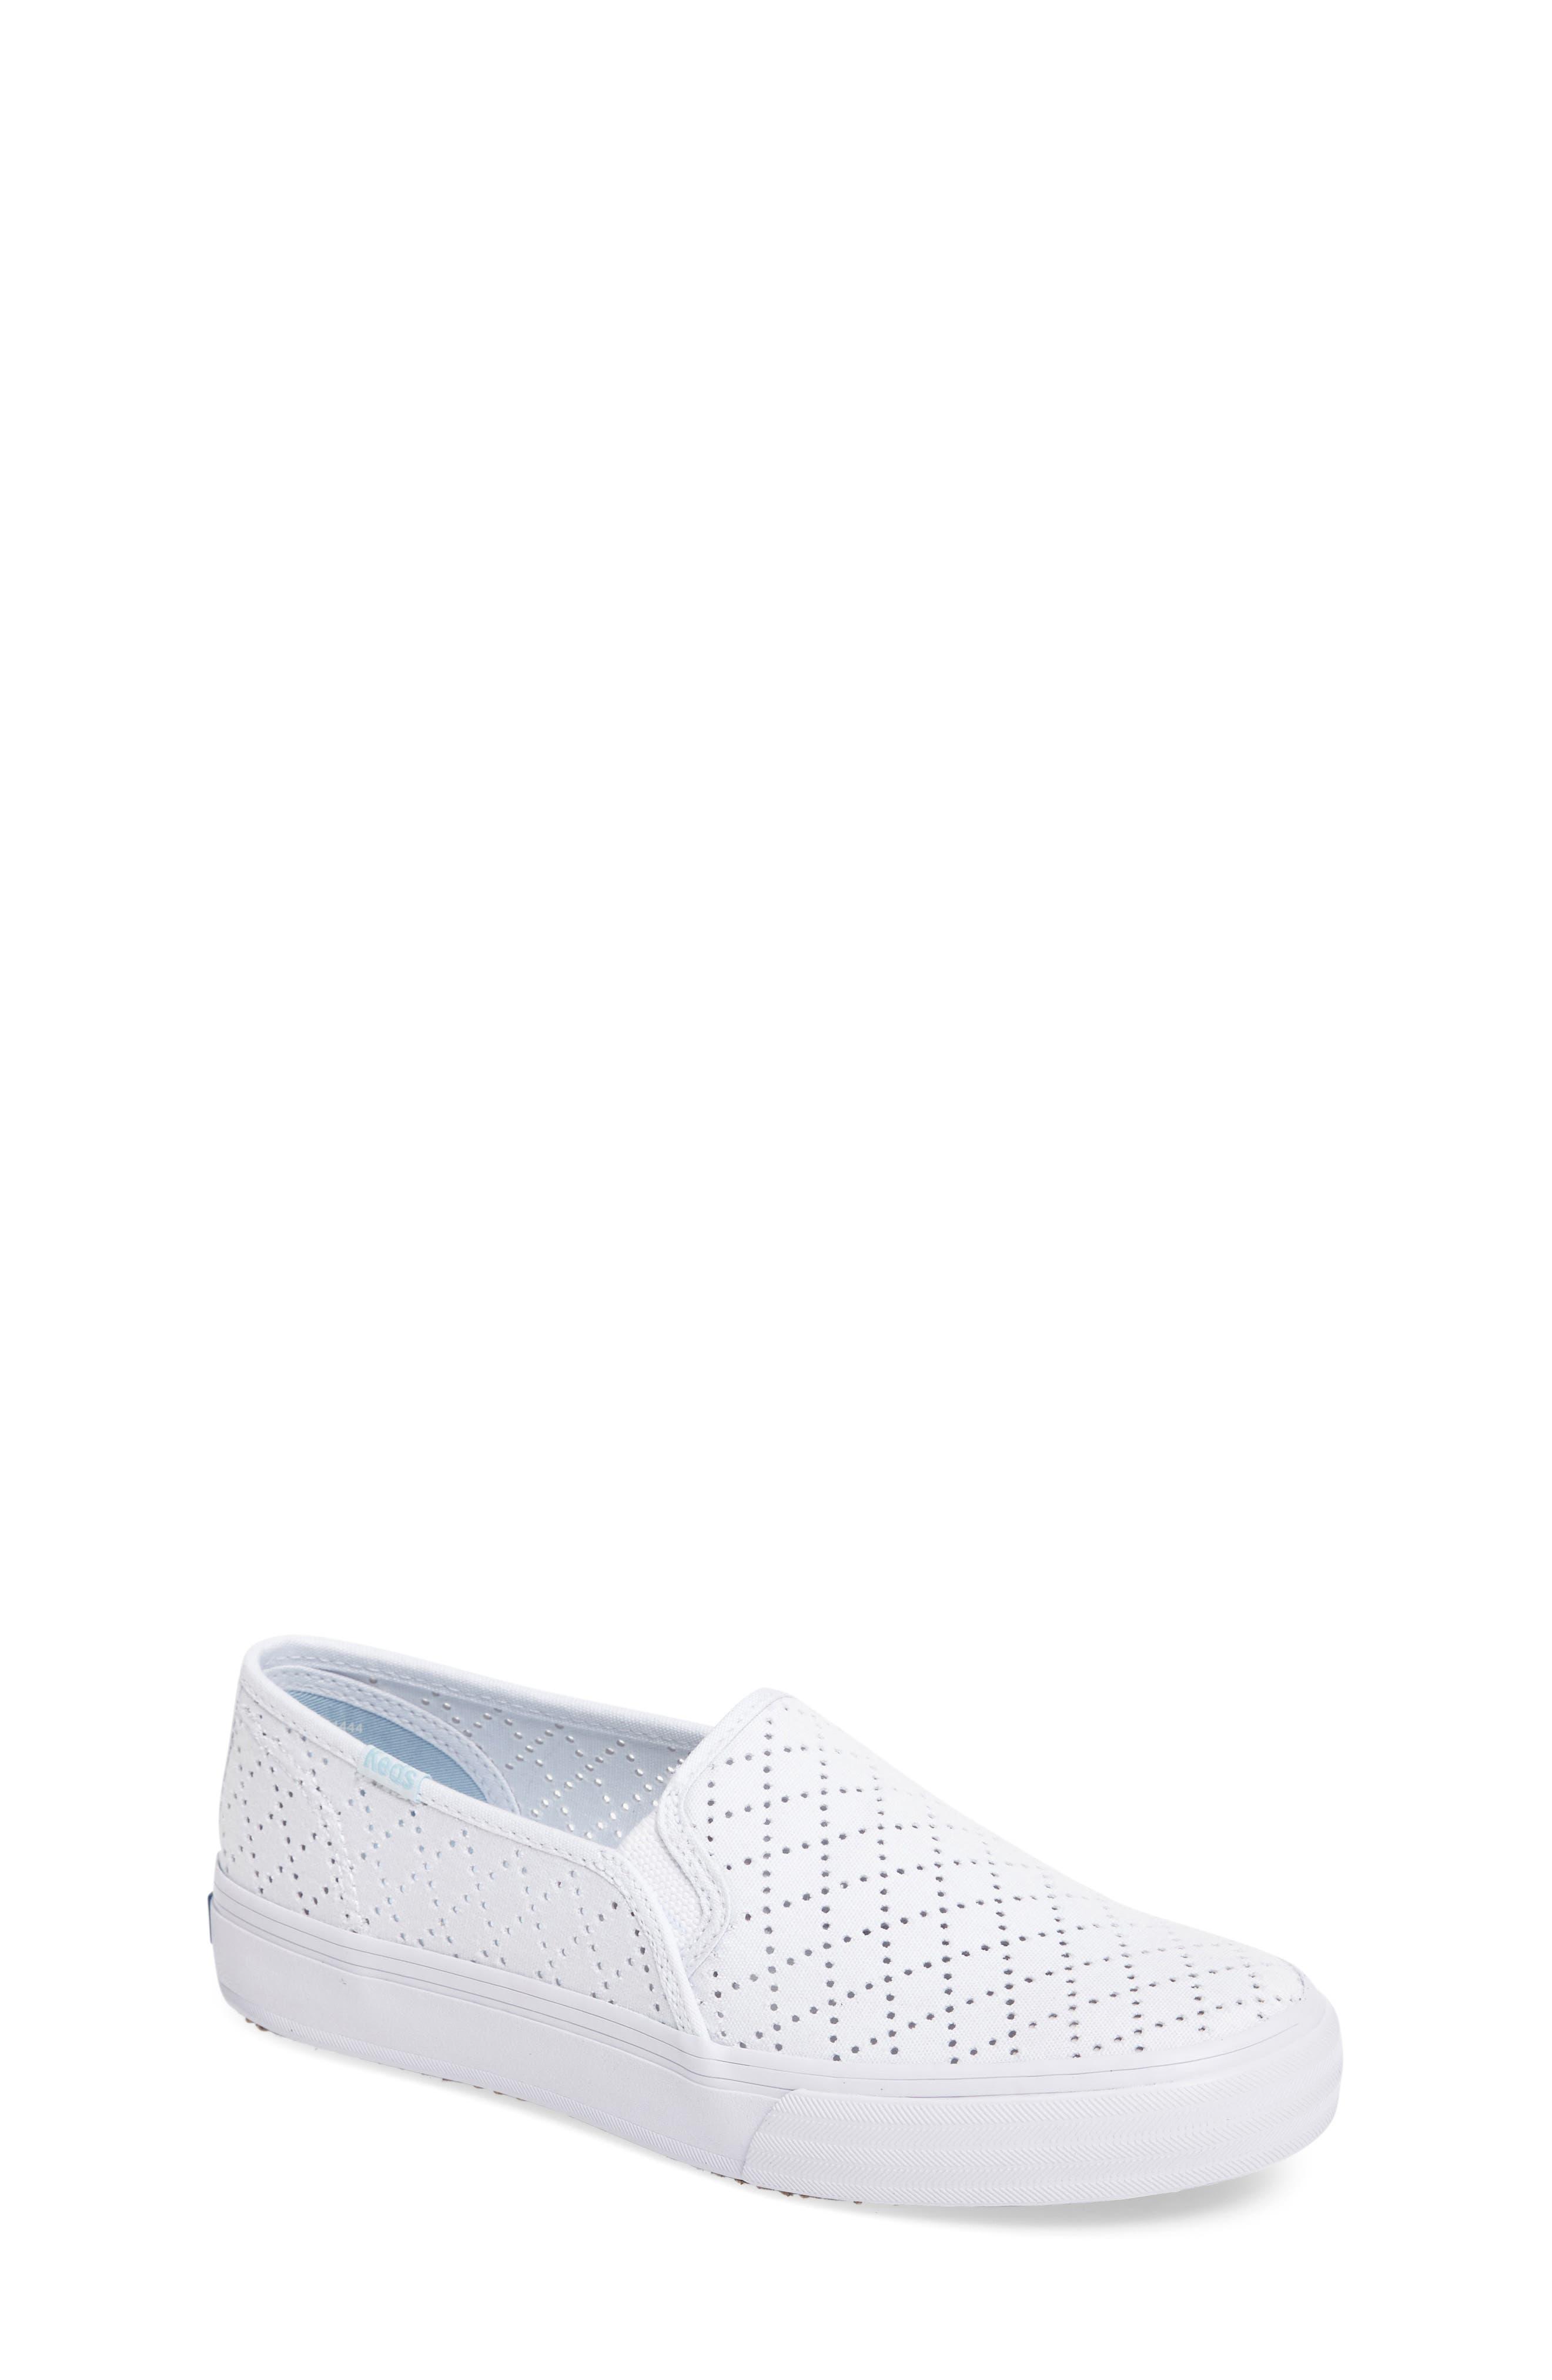 Alternate Image 1 Selected - Keds® 'Double Decker' Slip-On Sneaker (Women)